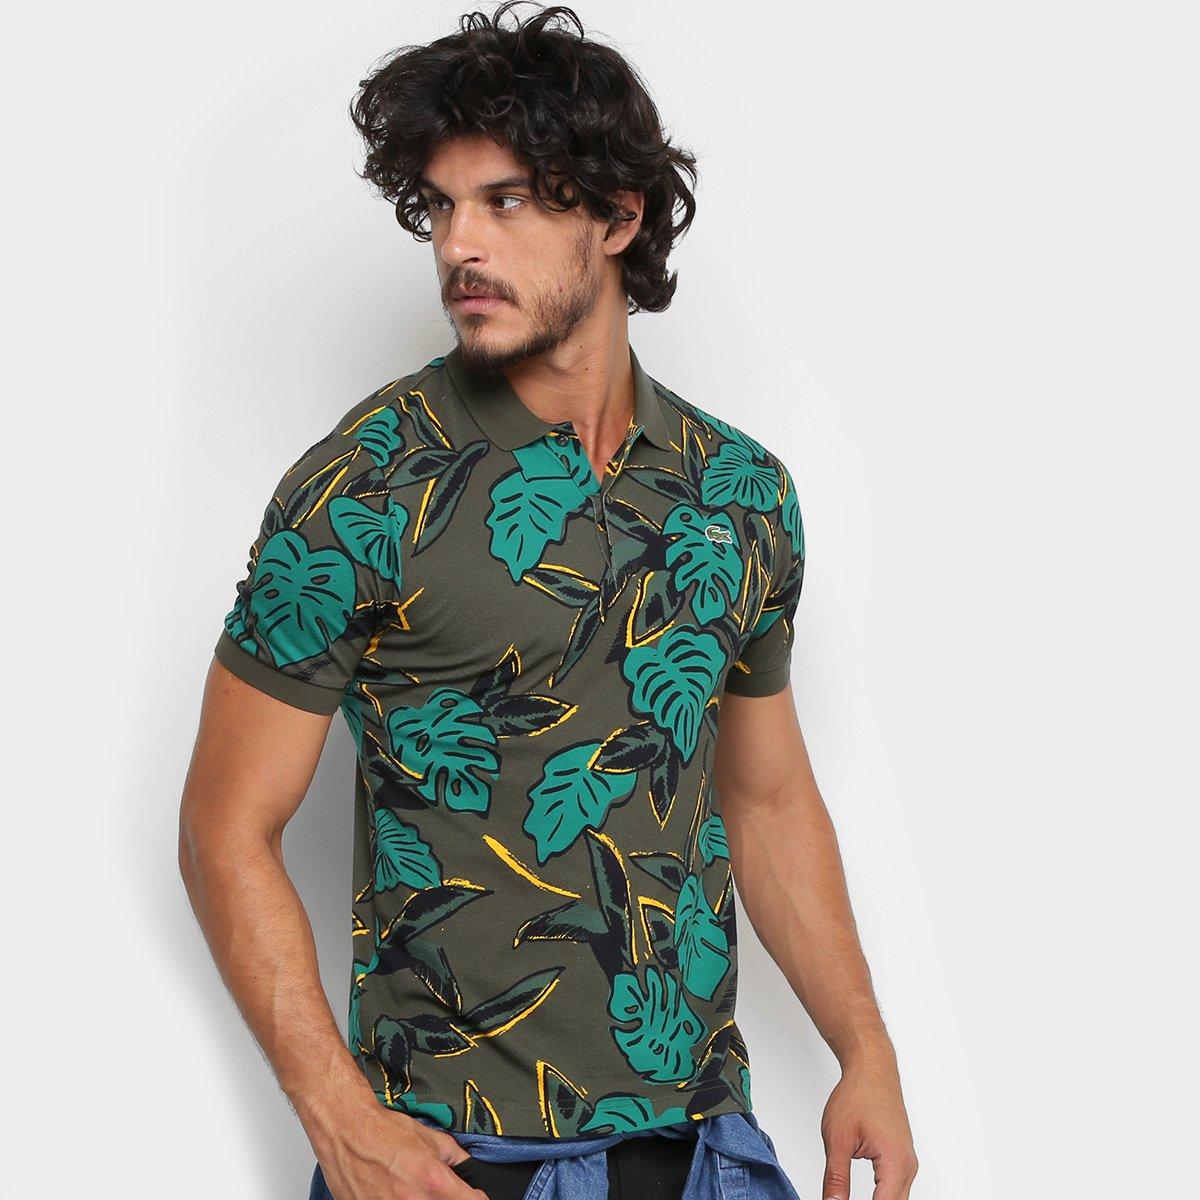 02fc5b7ce9644 Camisa Polo Lacoste Live Folhagem Masculina - Compre Agora